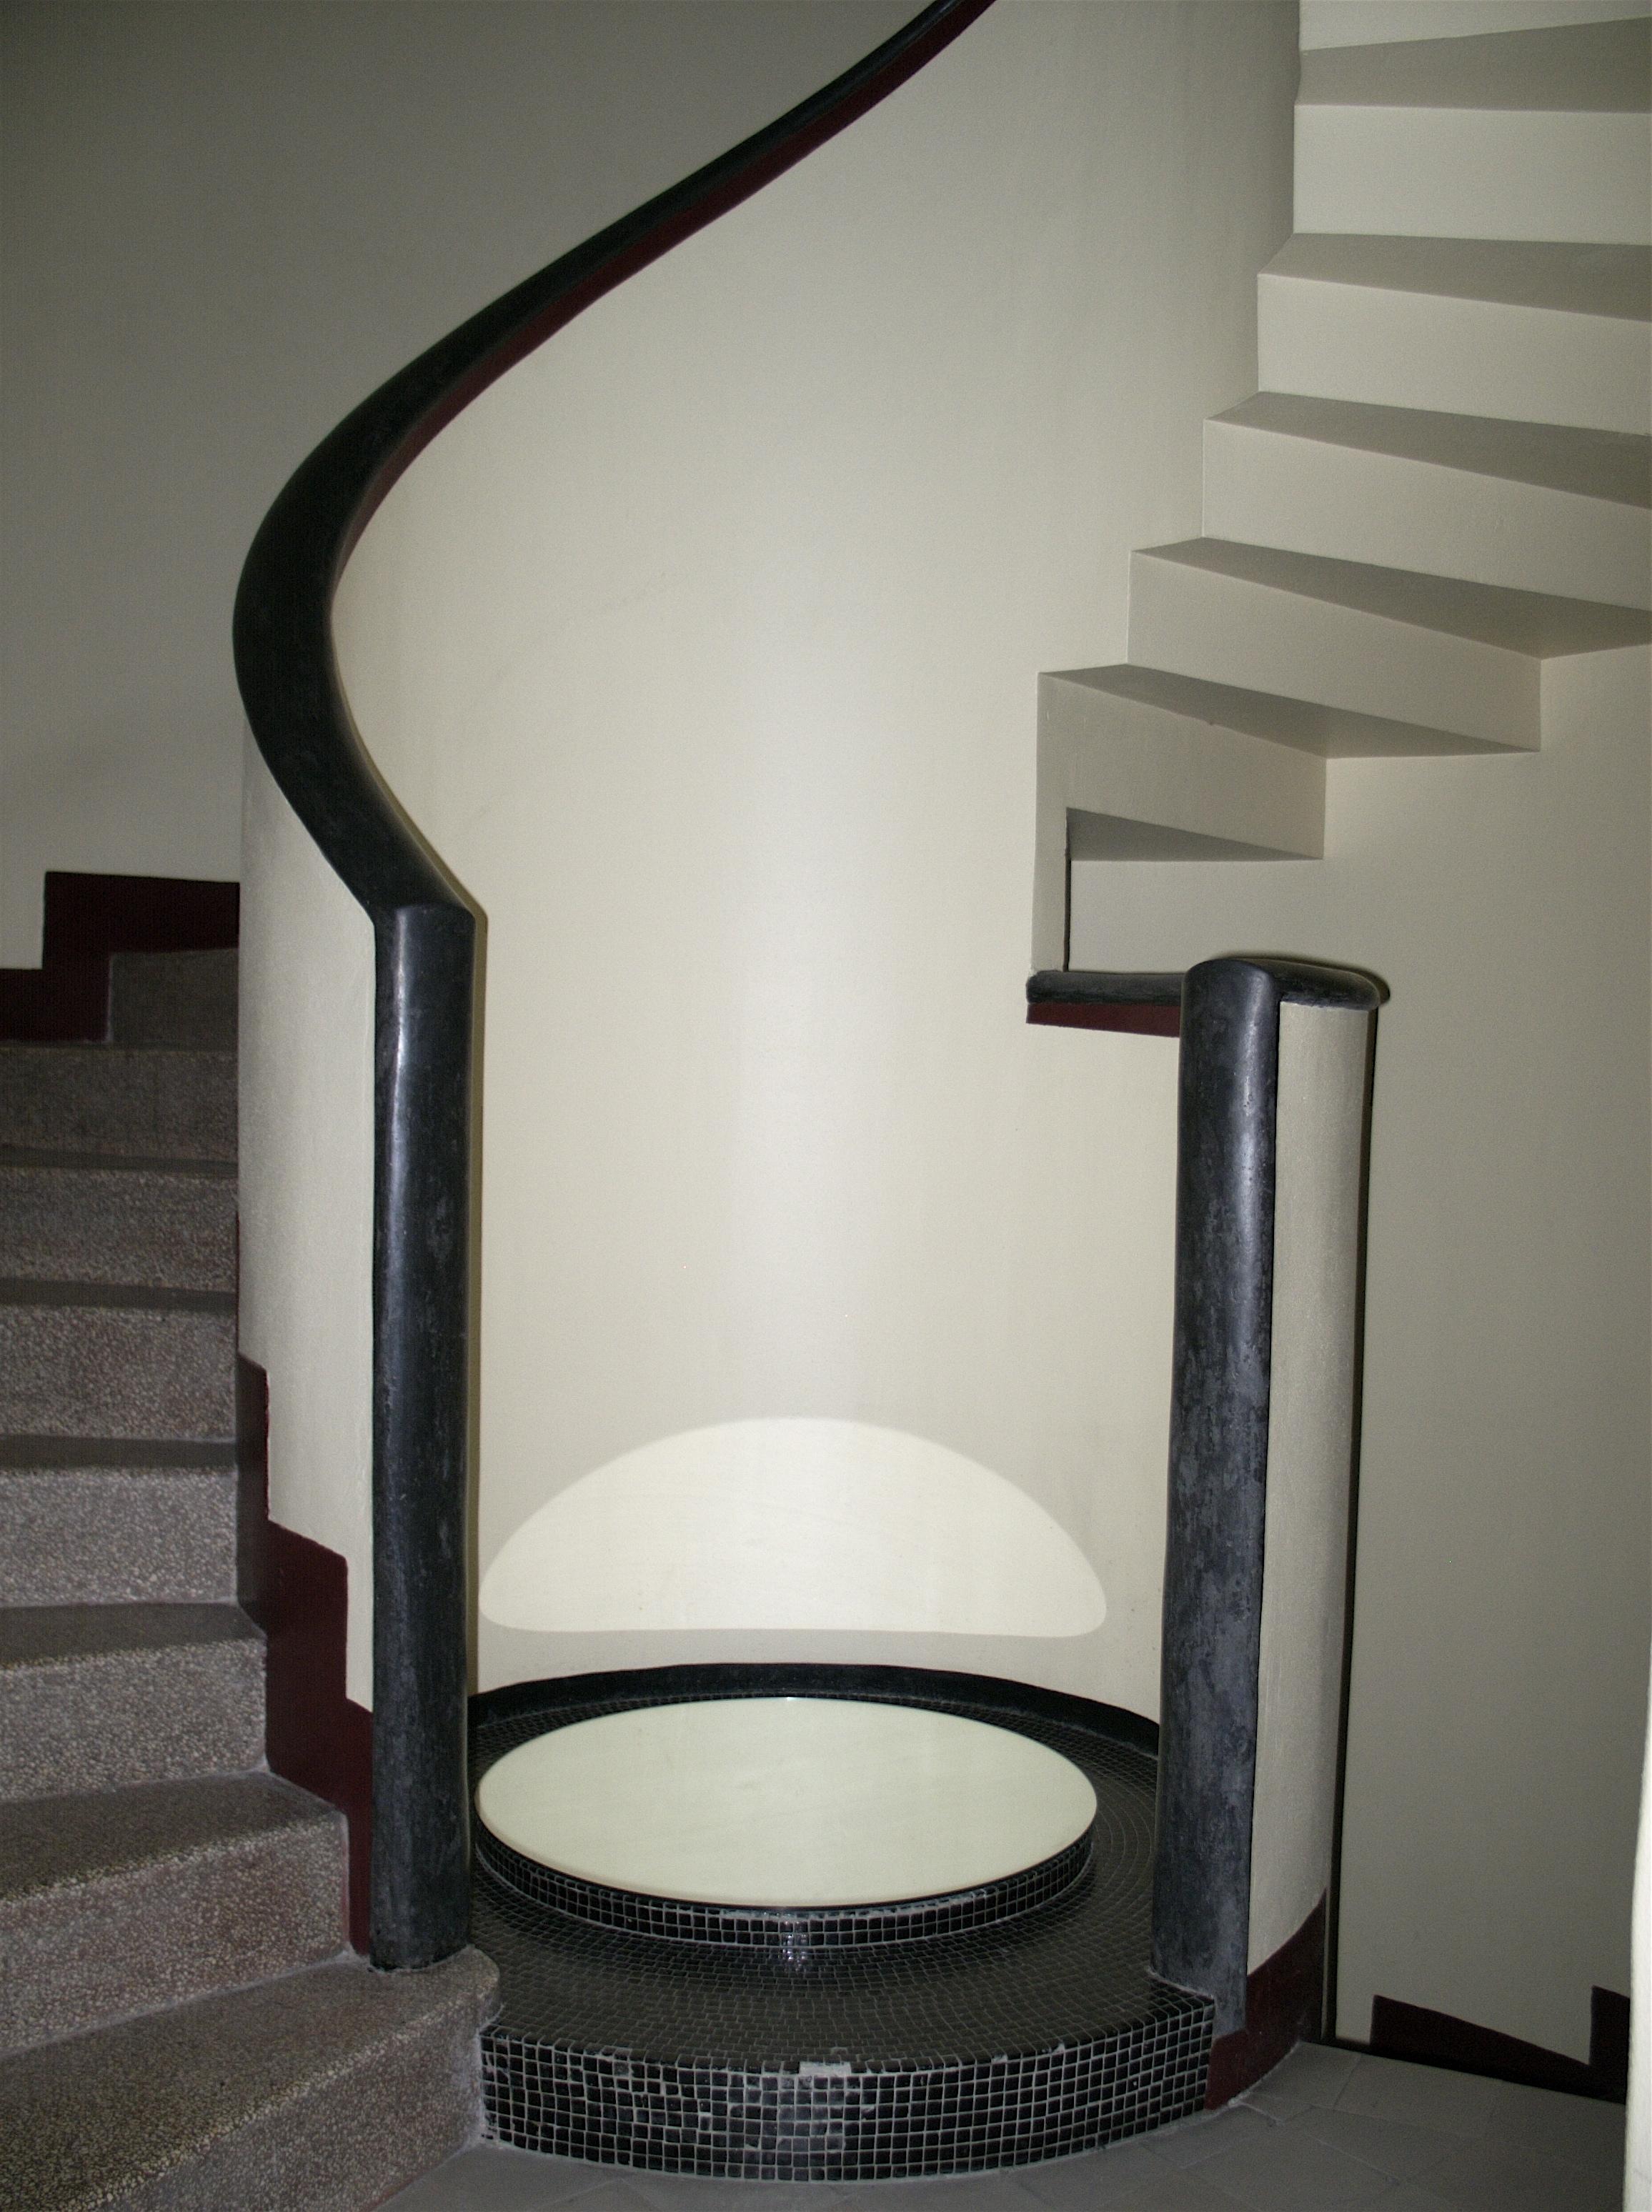 File d part de l 39 escalier de l 39 h tel martel rue mallet stevens pari - Hotel martel mallet stevens ...